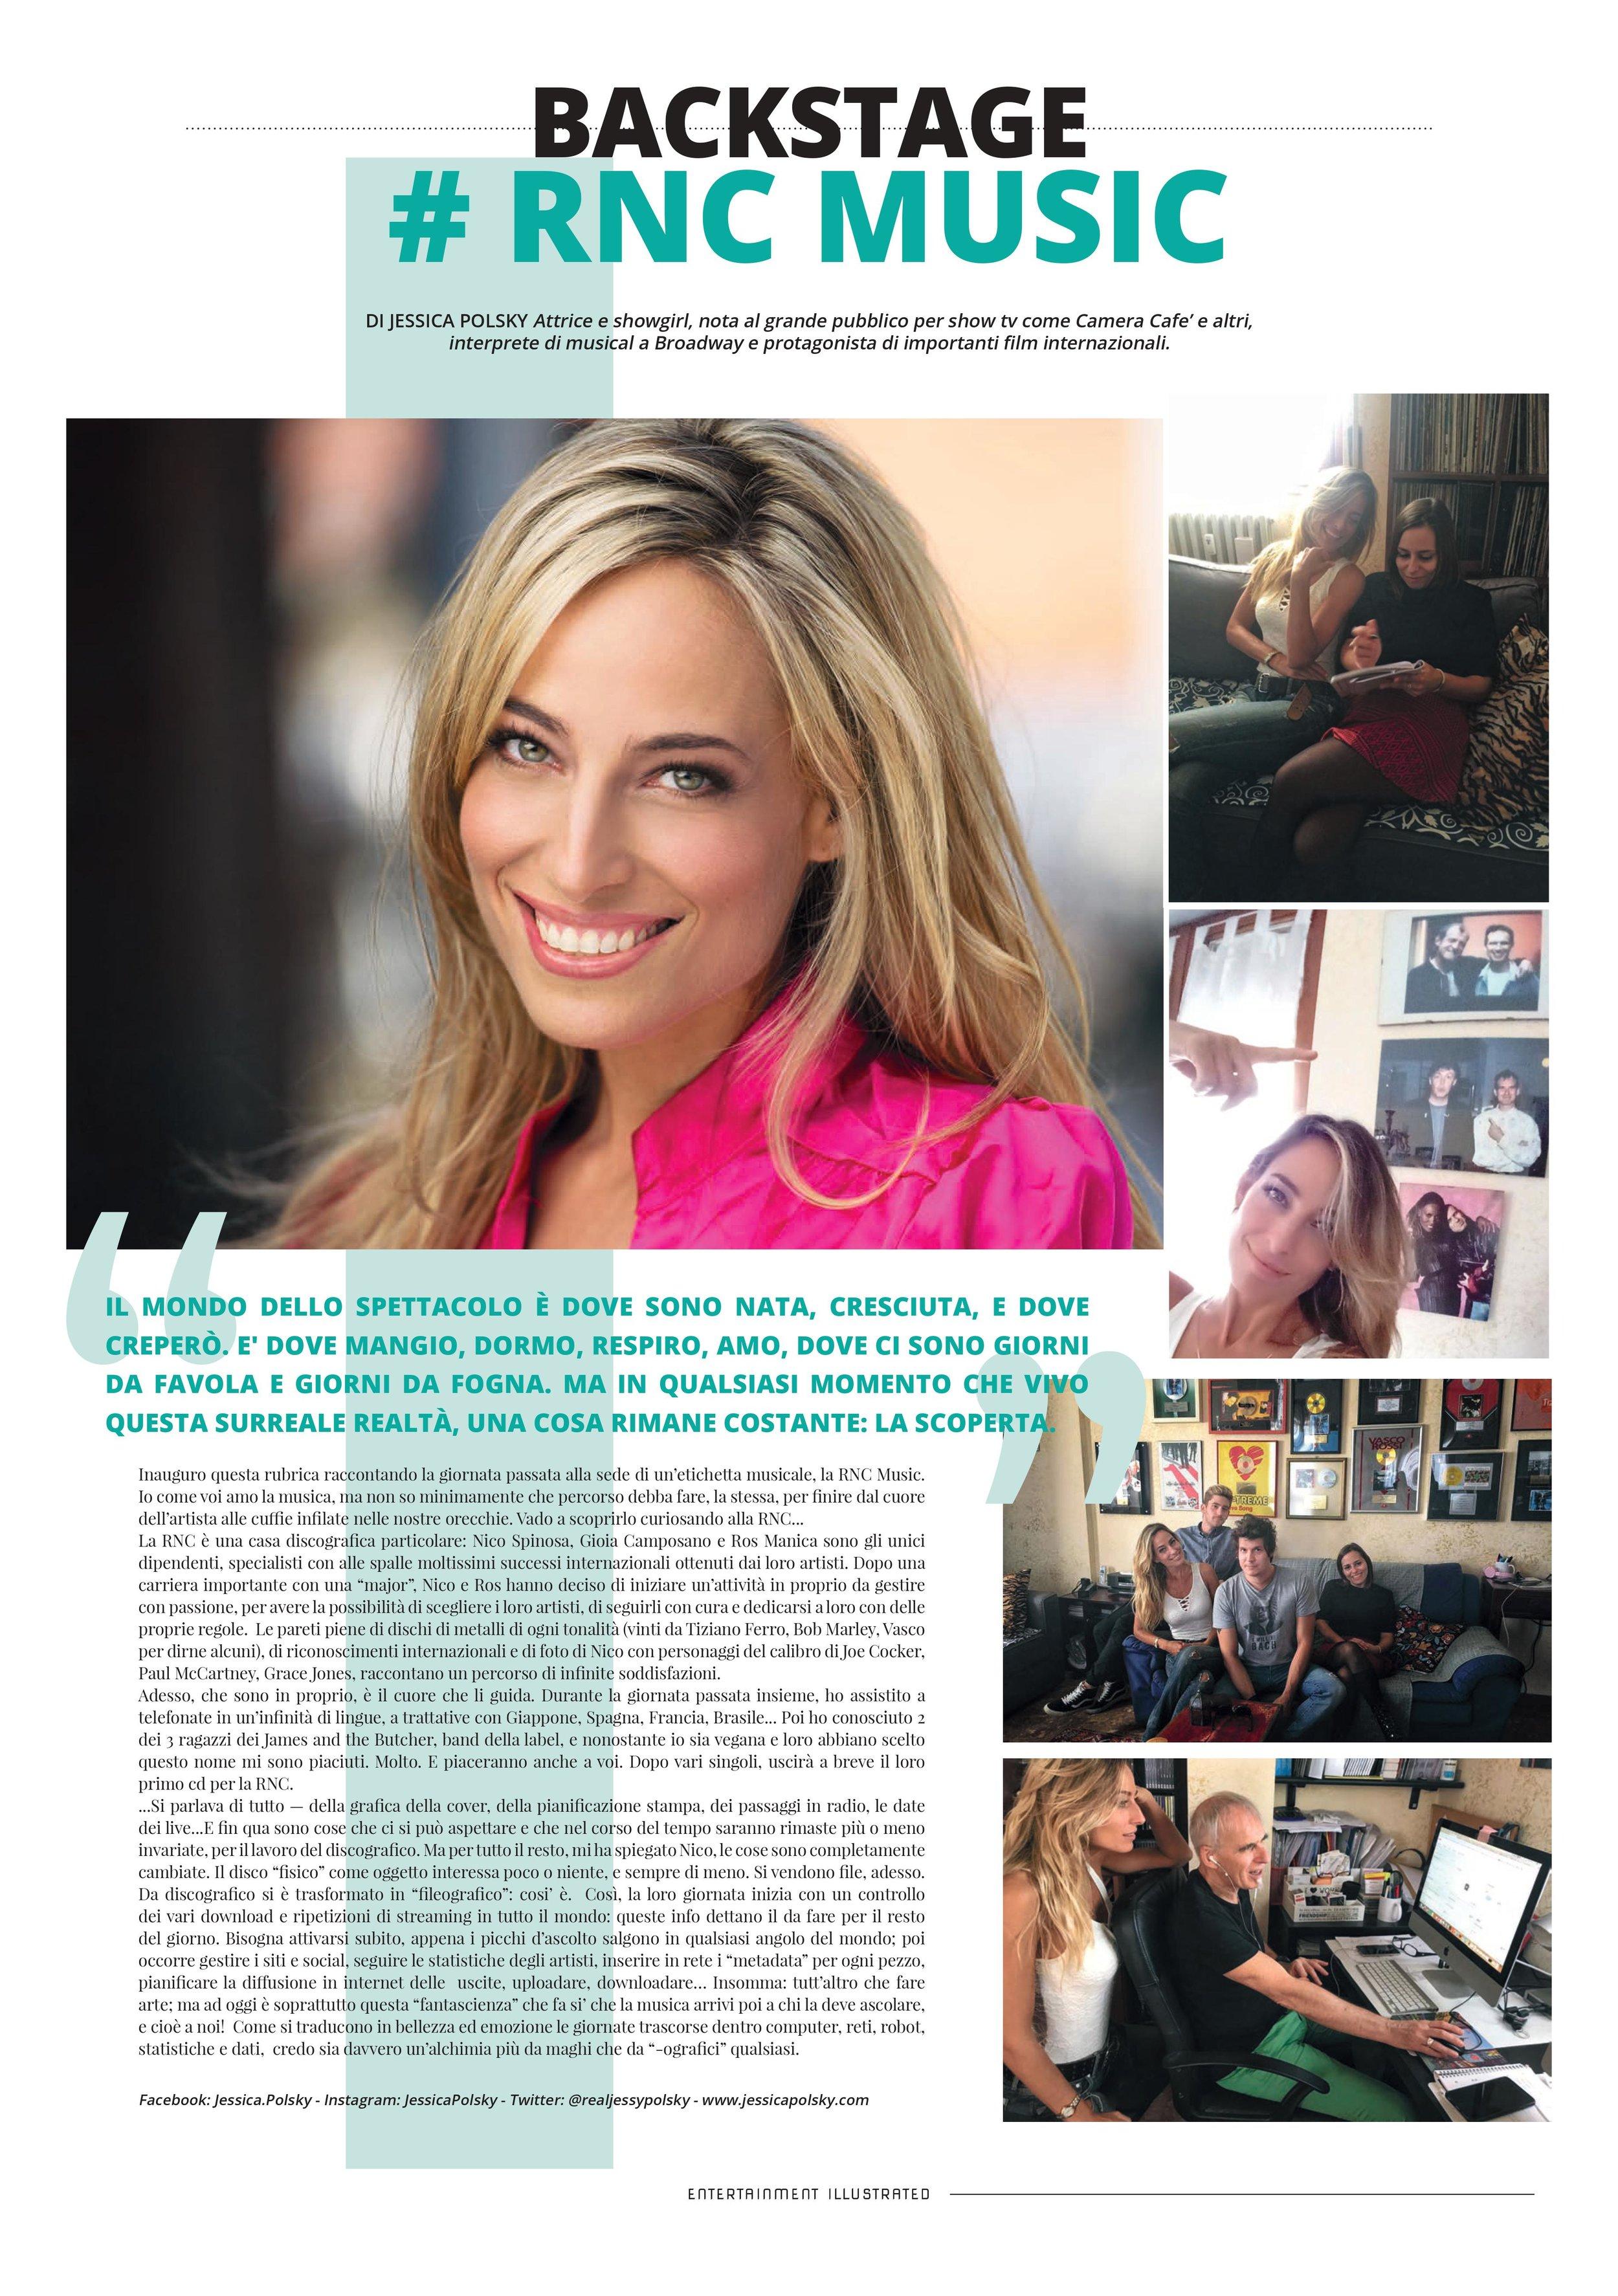 La rubrica mensile di Jessica sul giornale Entertainment Illustrated